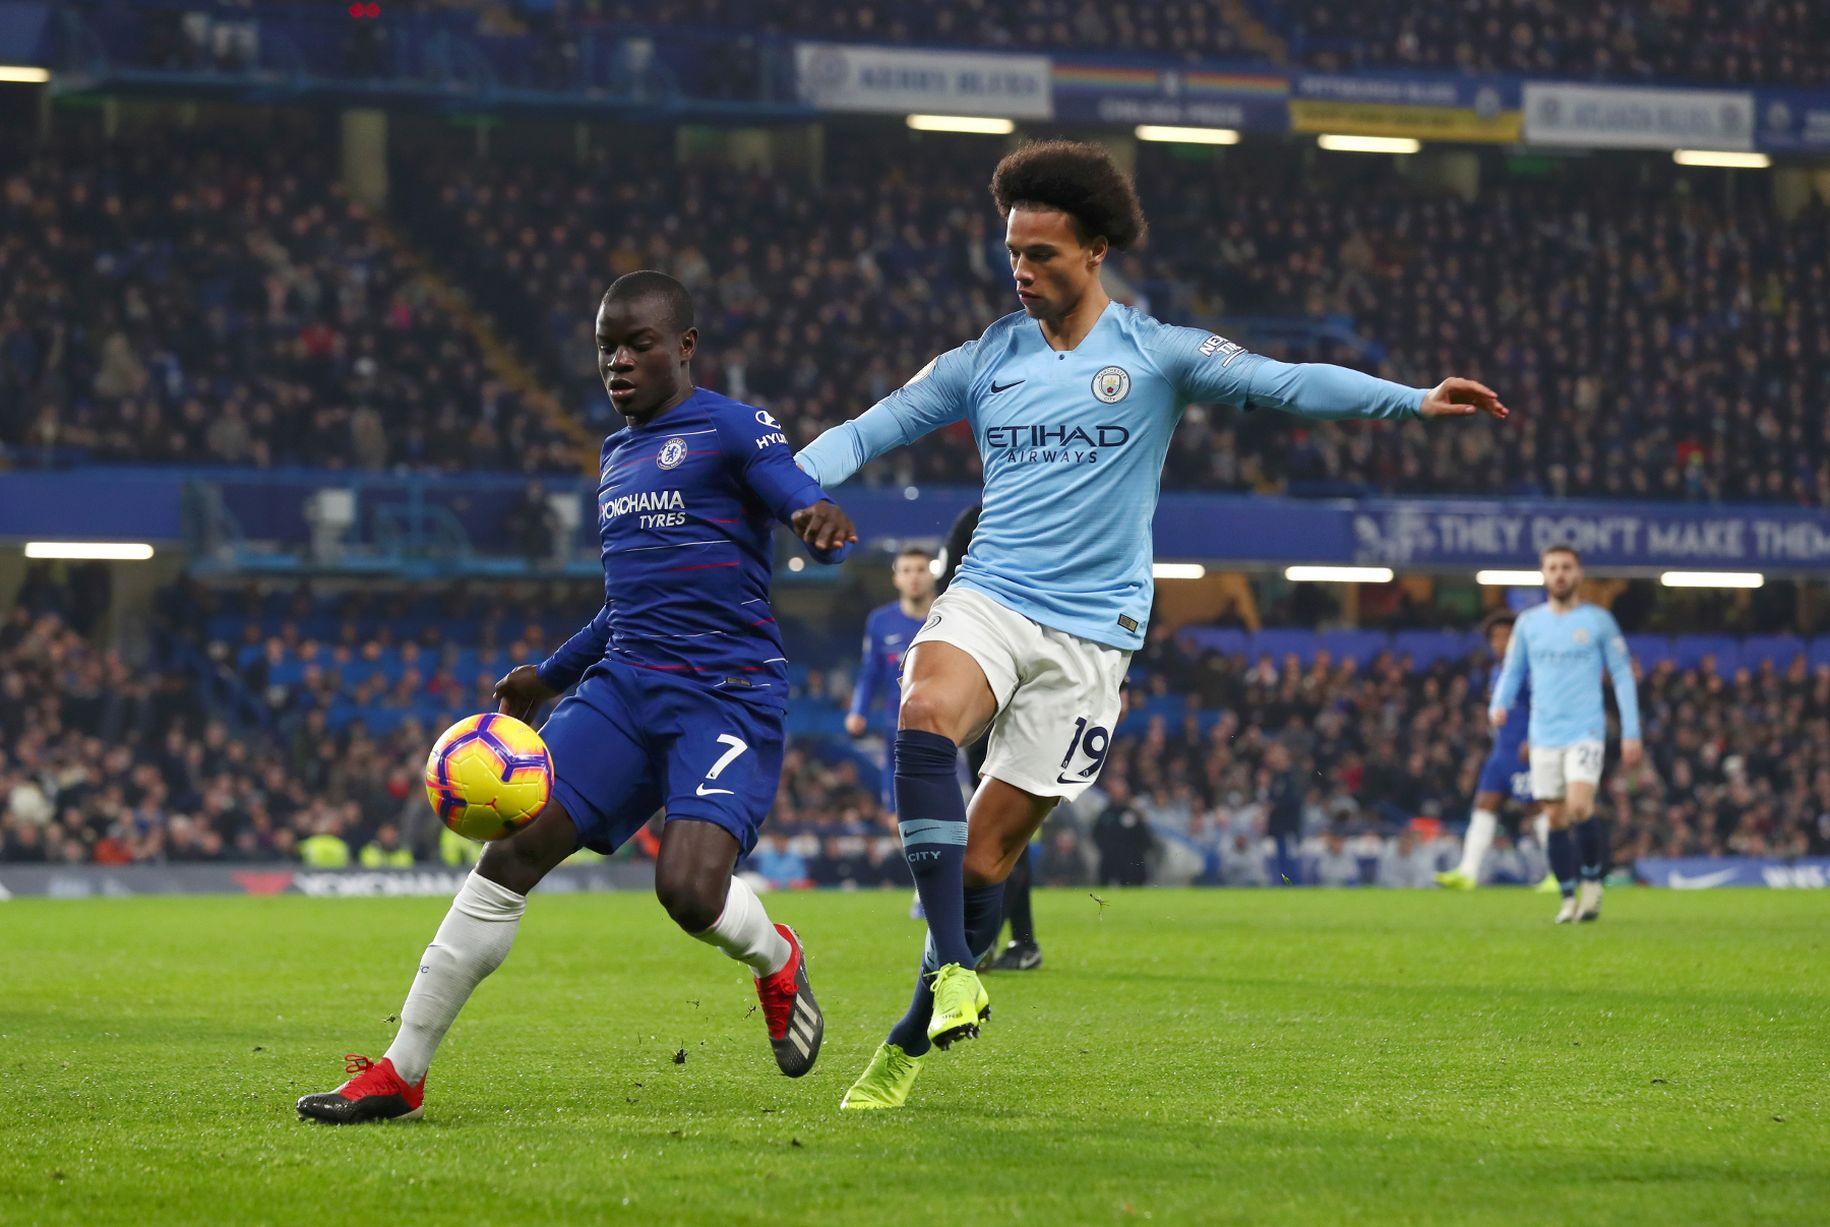 Thất bại 1-3 trước Man City: Frank Lampard đối mặt với nguy cơ bị sa thải